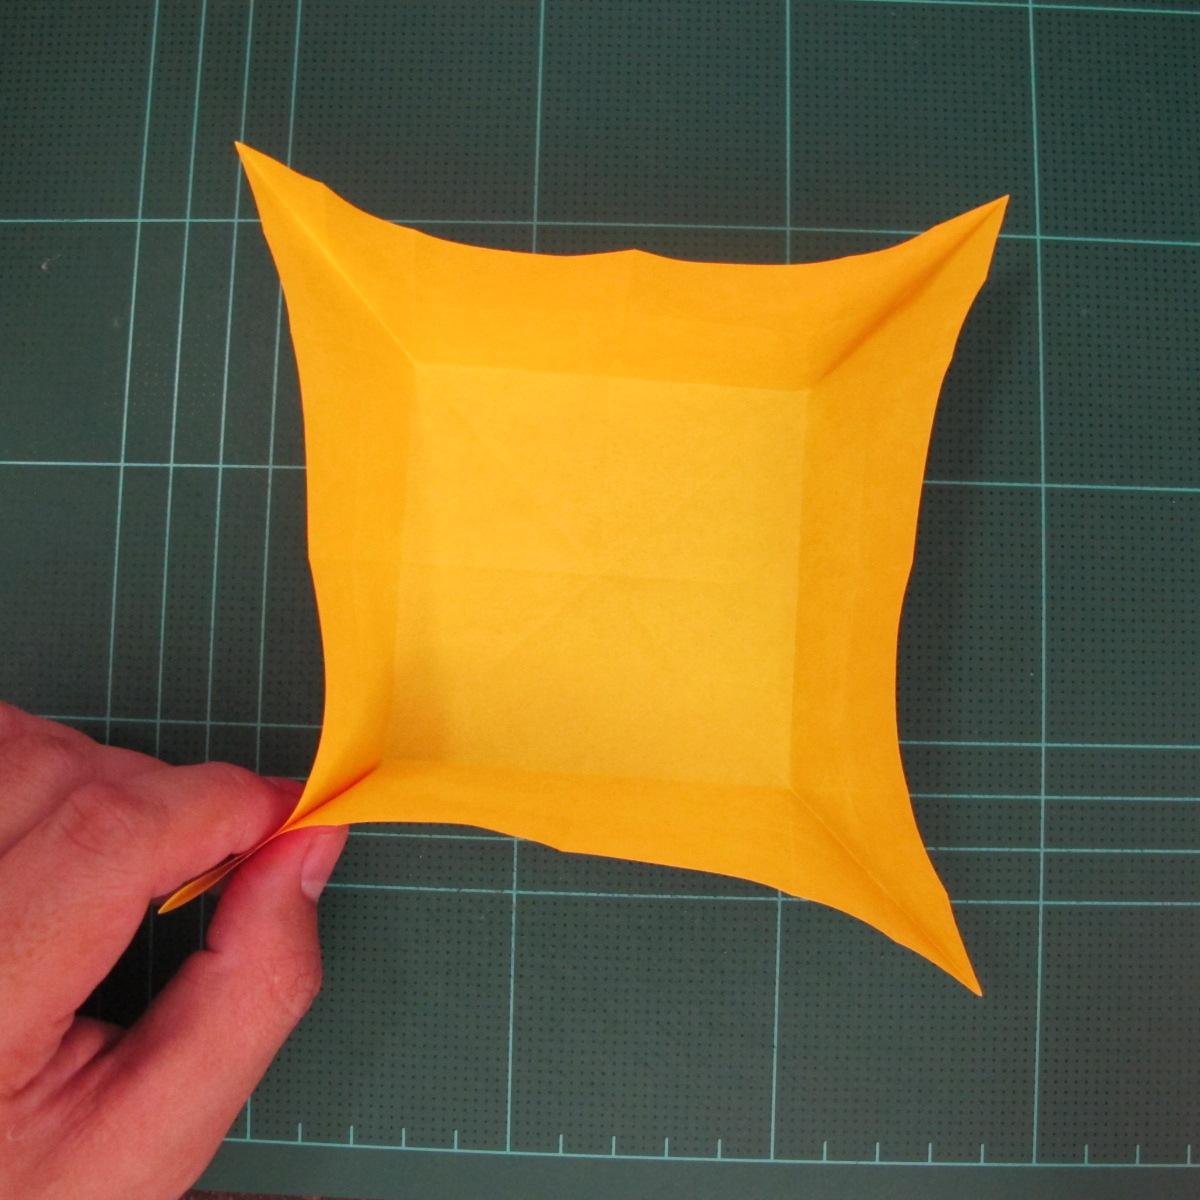 สอนวิธีพับกระดาษเป็นดอกกุหลาบ (แบบฐานกังหัน) (Origami Rose - Evi Binzinger) 005